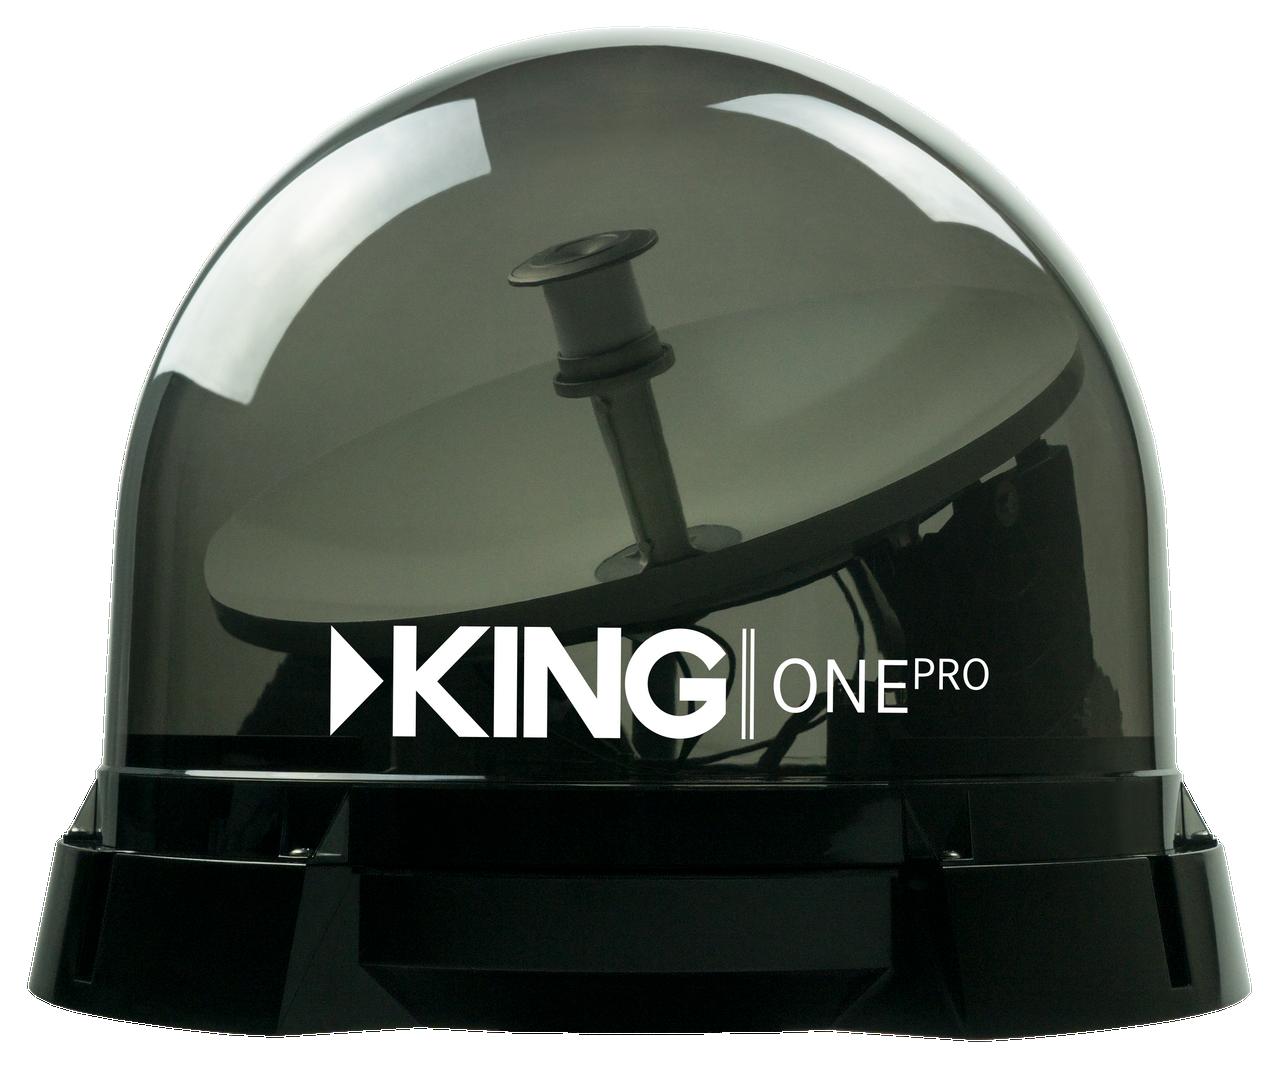 KING One Pro™ - Factory Refurbished - Premium Satellite Antenna